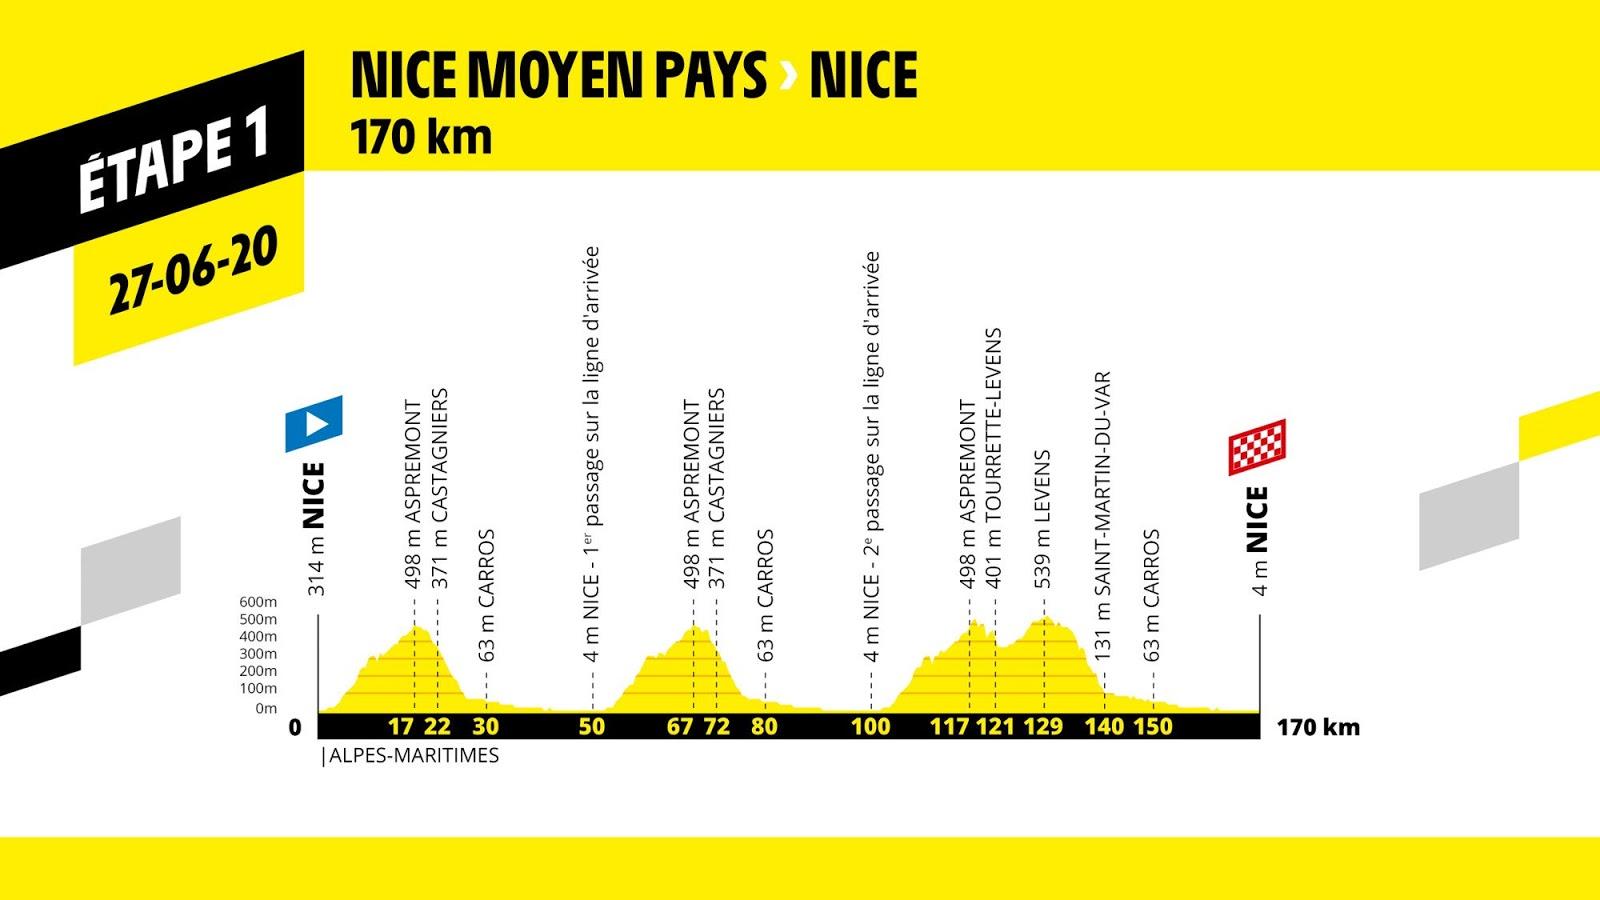 etapa 1 Tour de Francia 2020